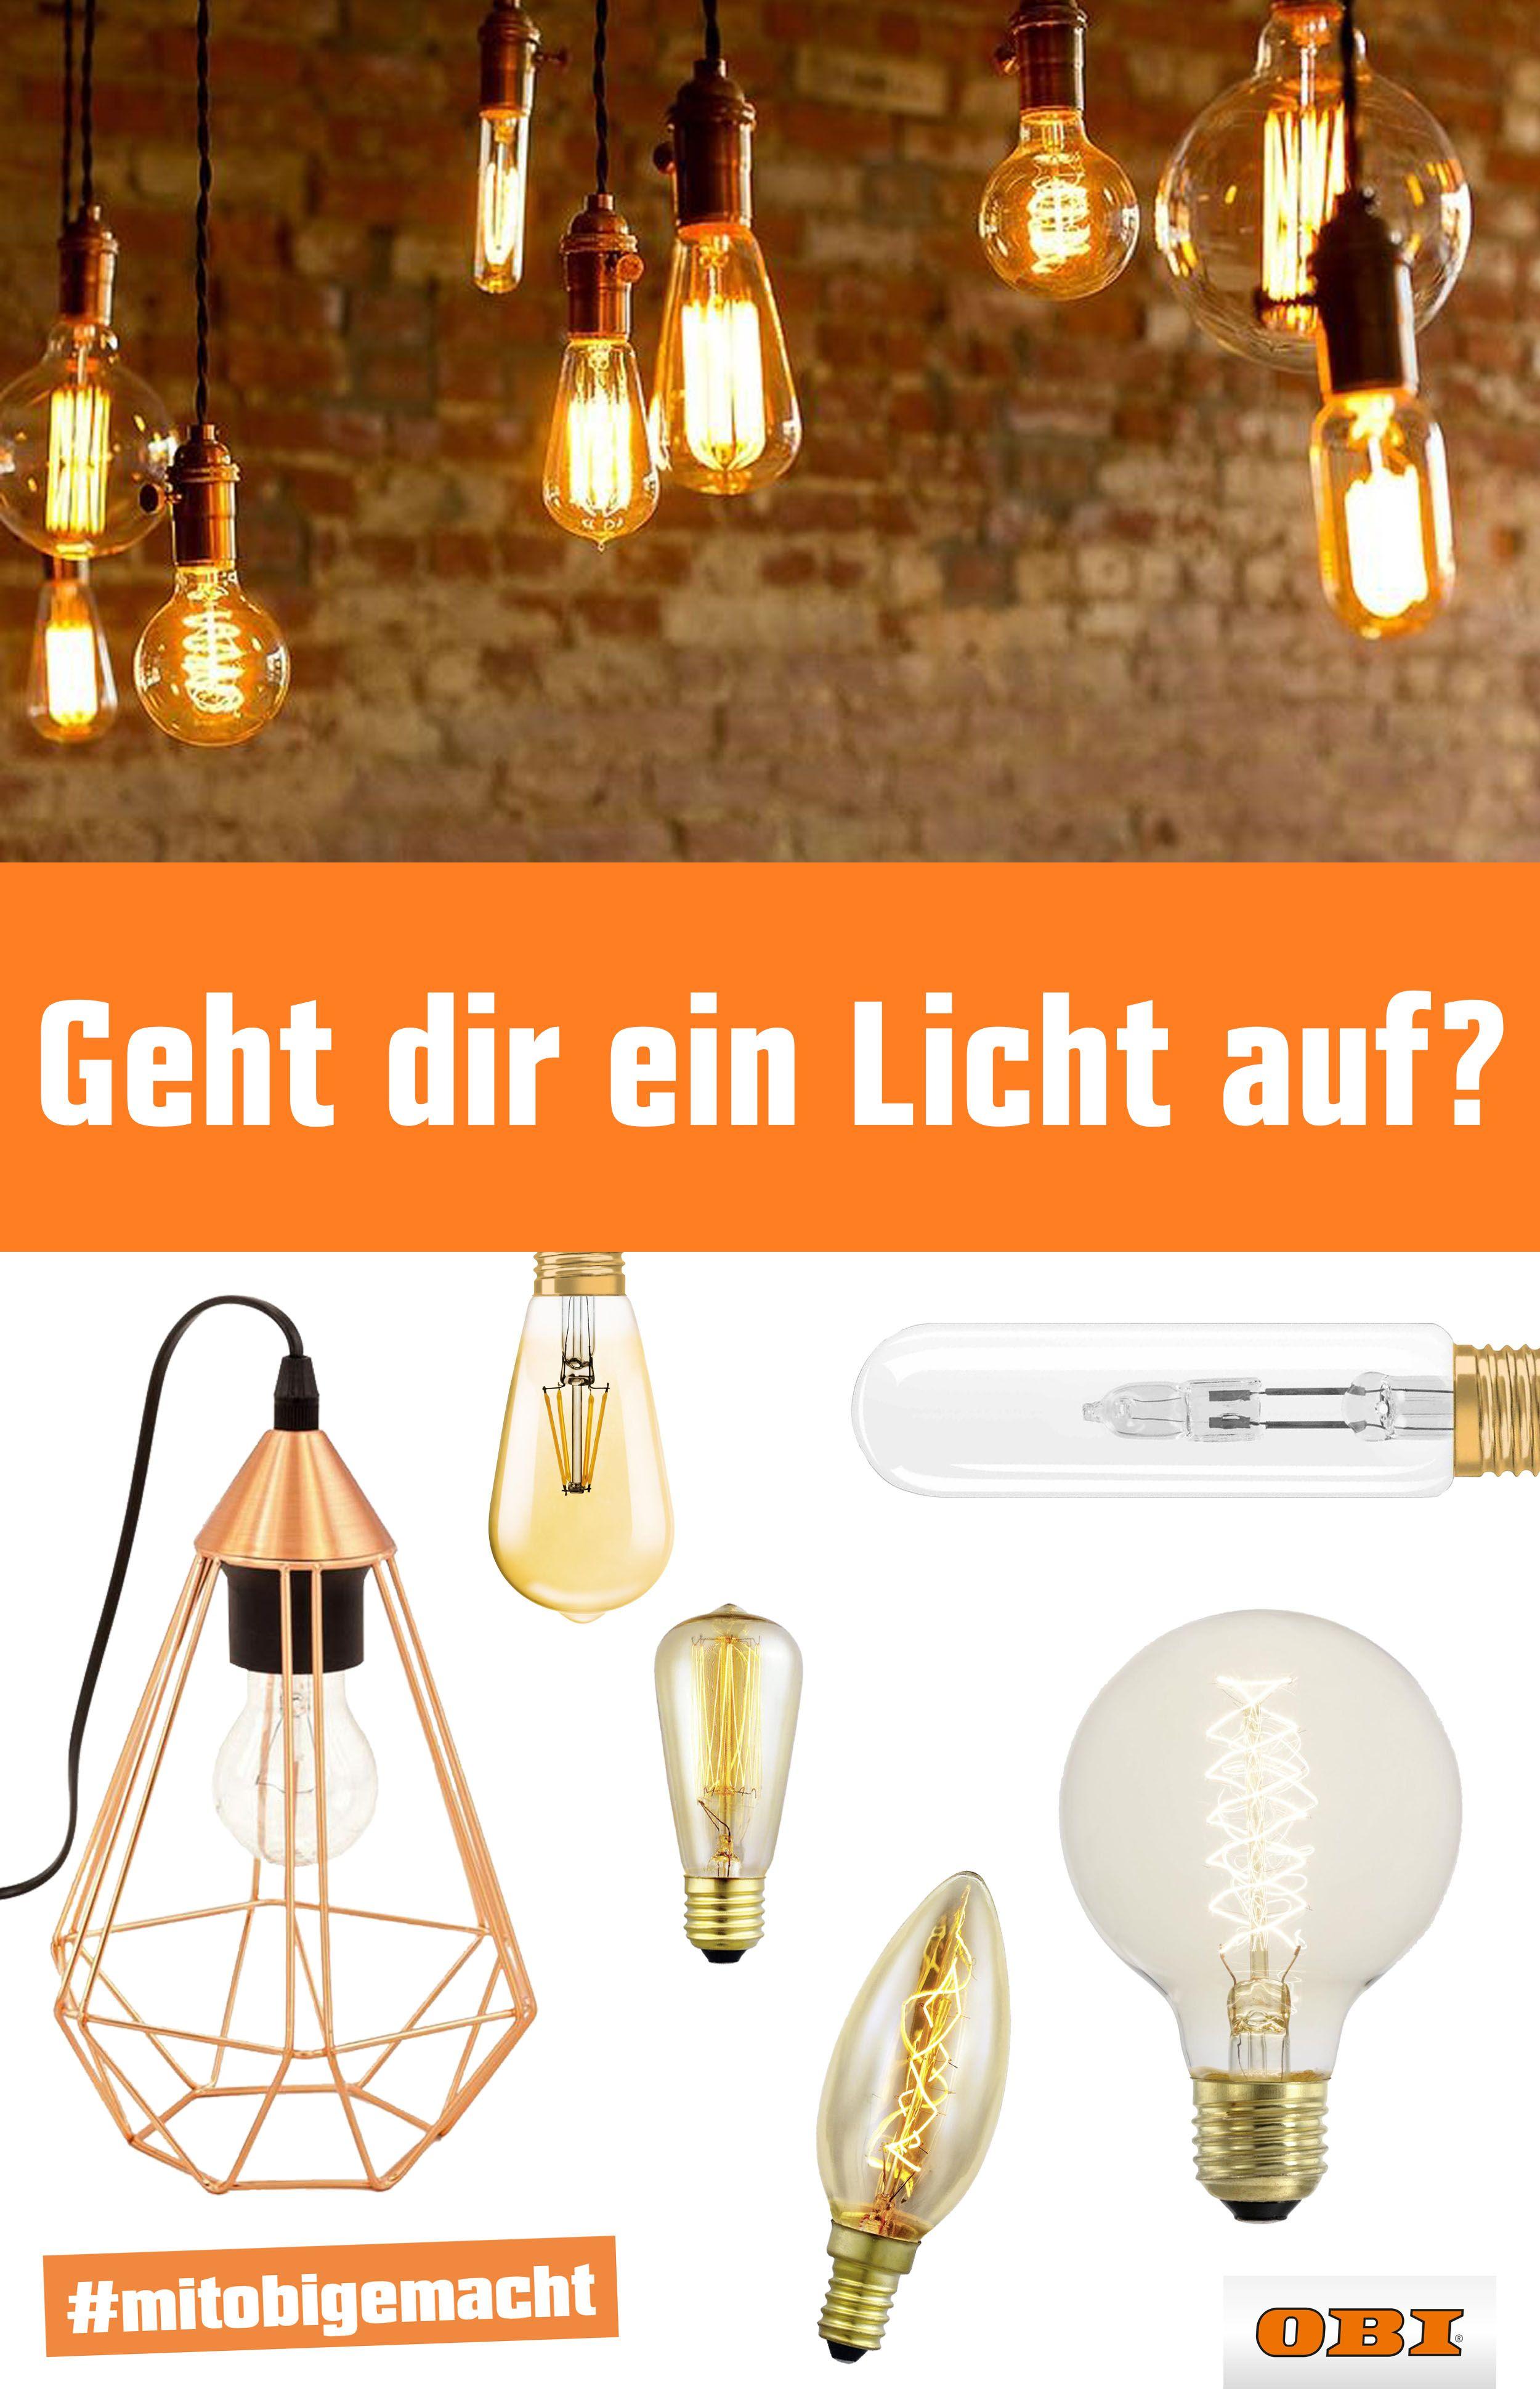 Wer Sagt Das Lampen Einen Schirm Brauchen! Einfach Glühbirnen Nehmen Und  Von Der Decke Baumeln